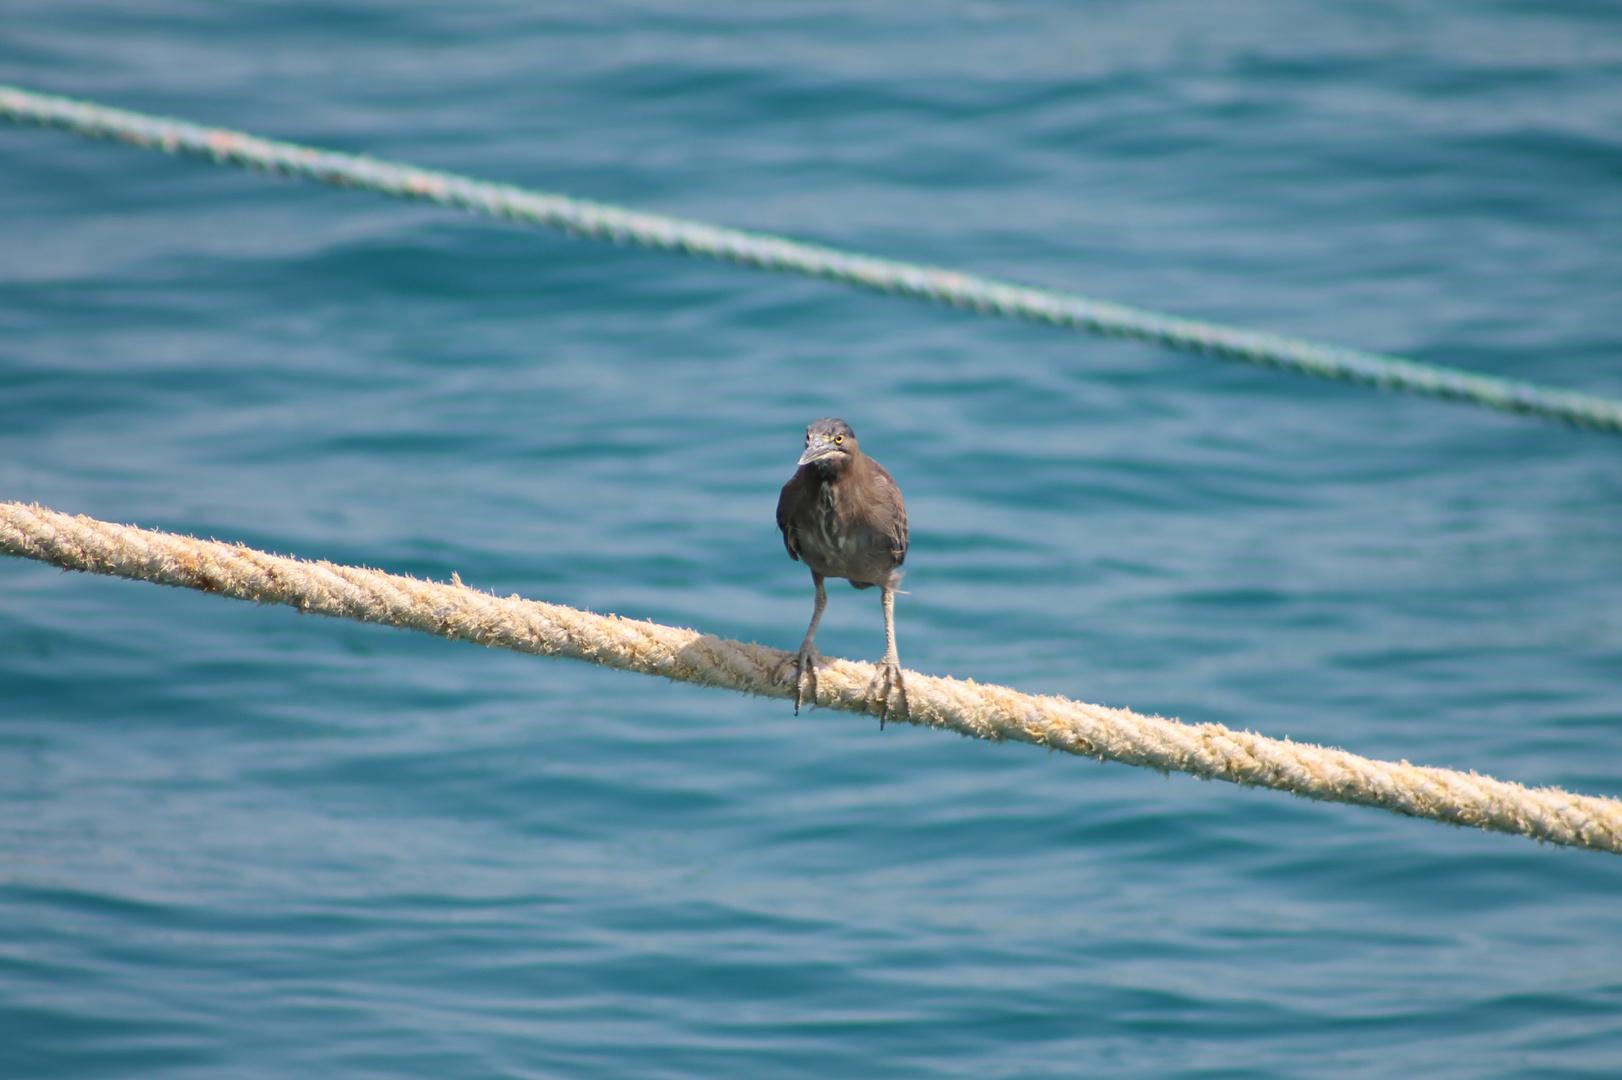 Vogel auf dem Seil